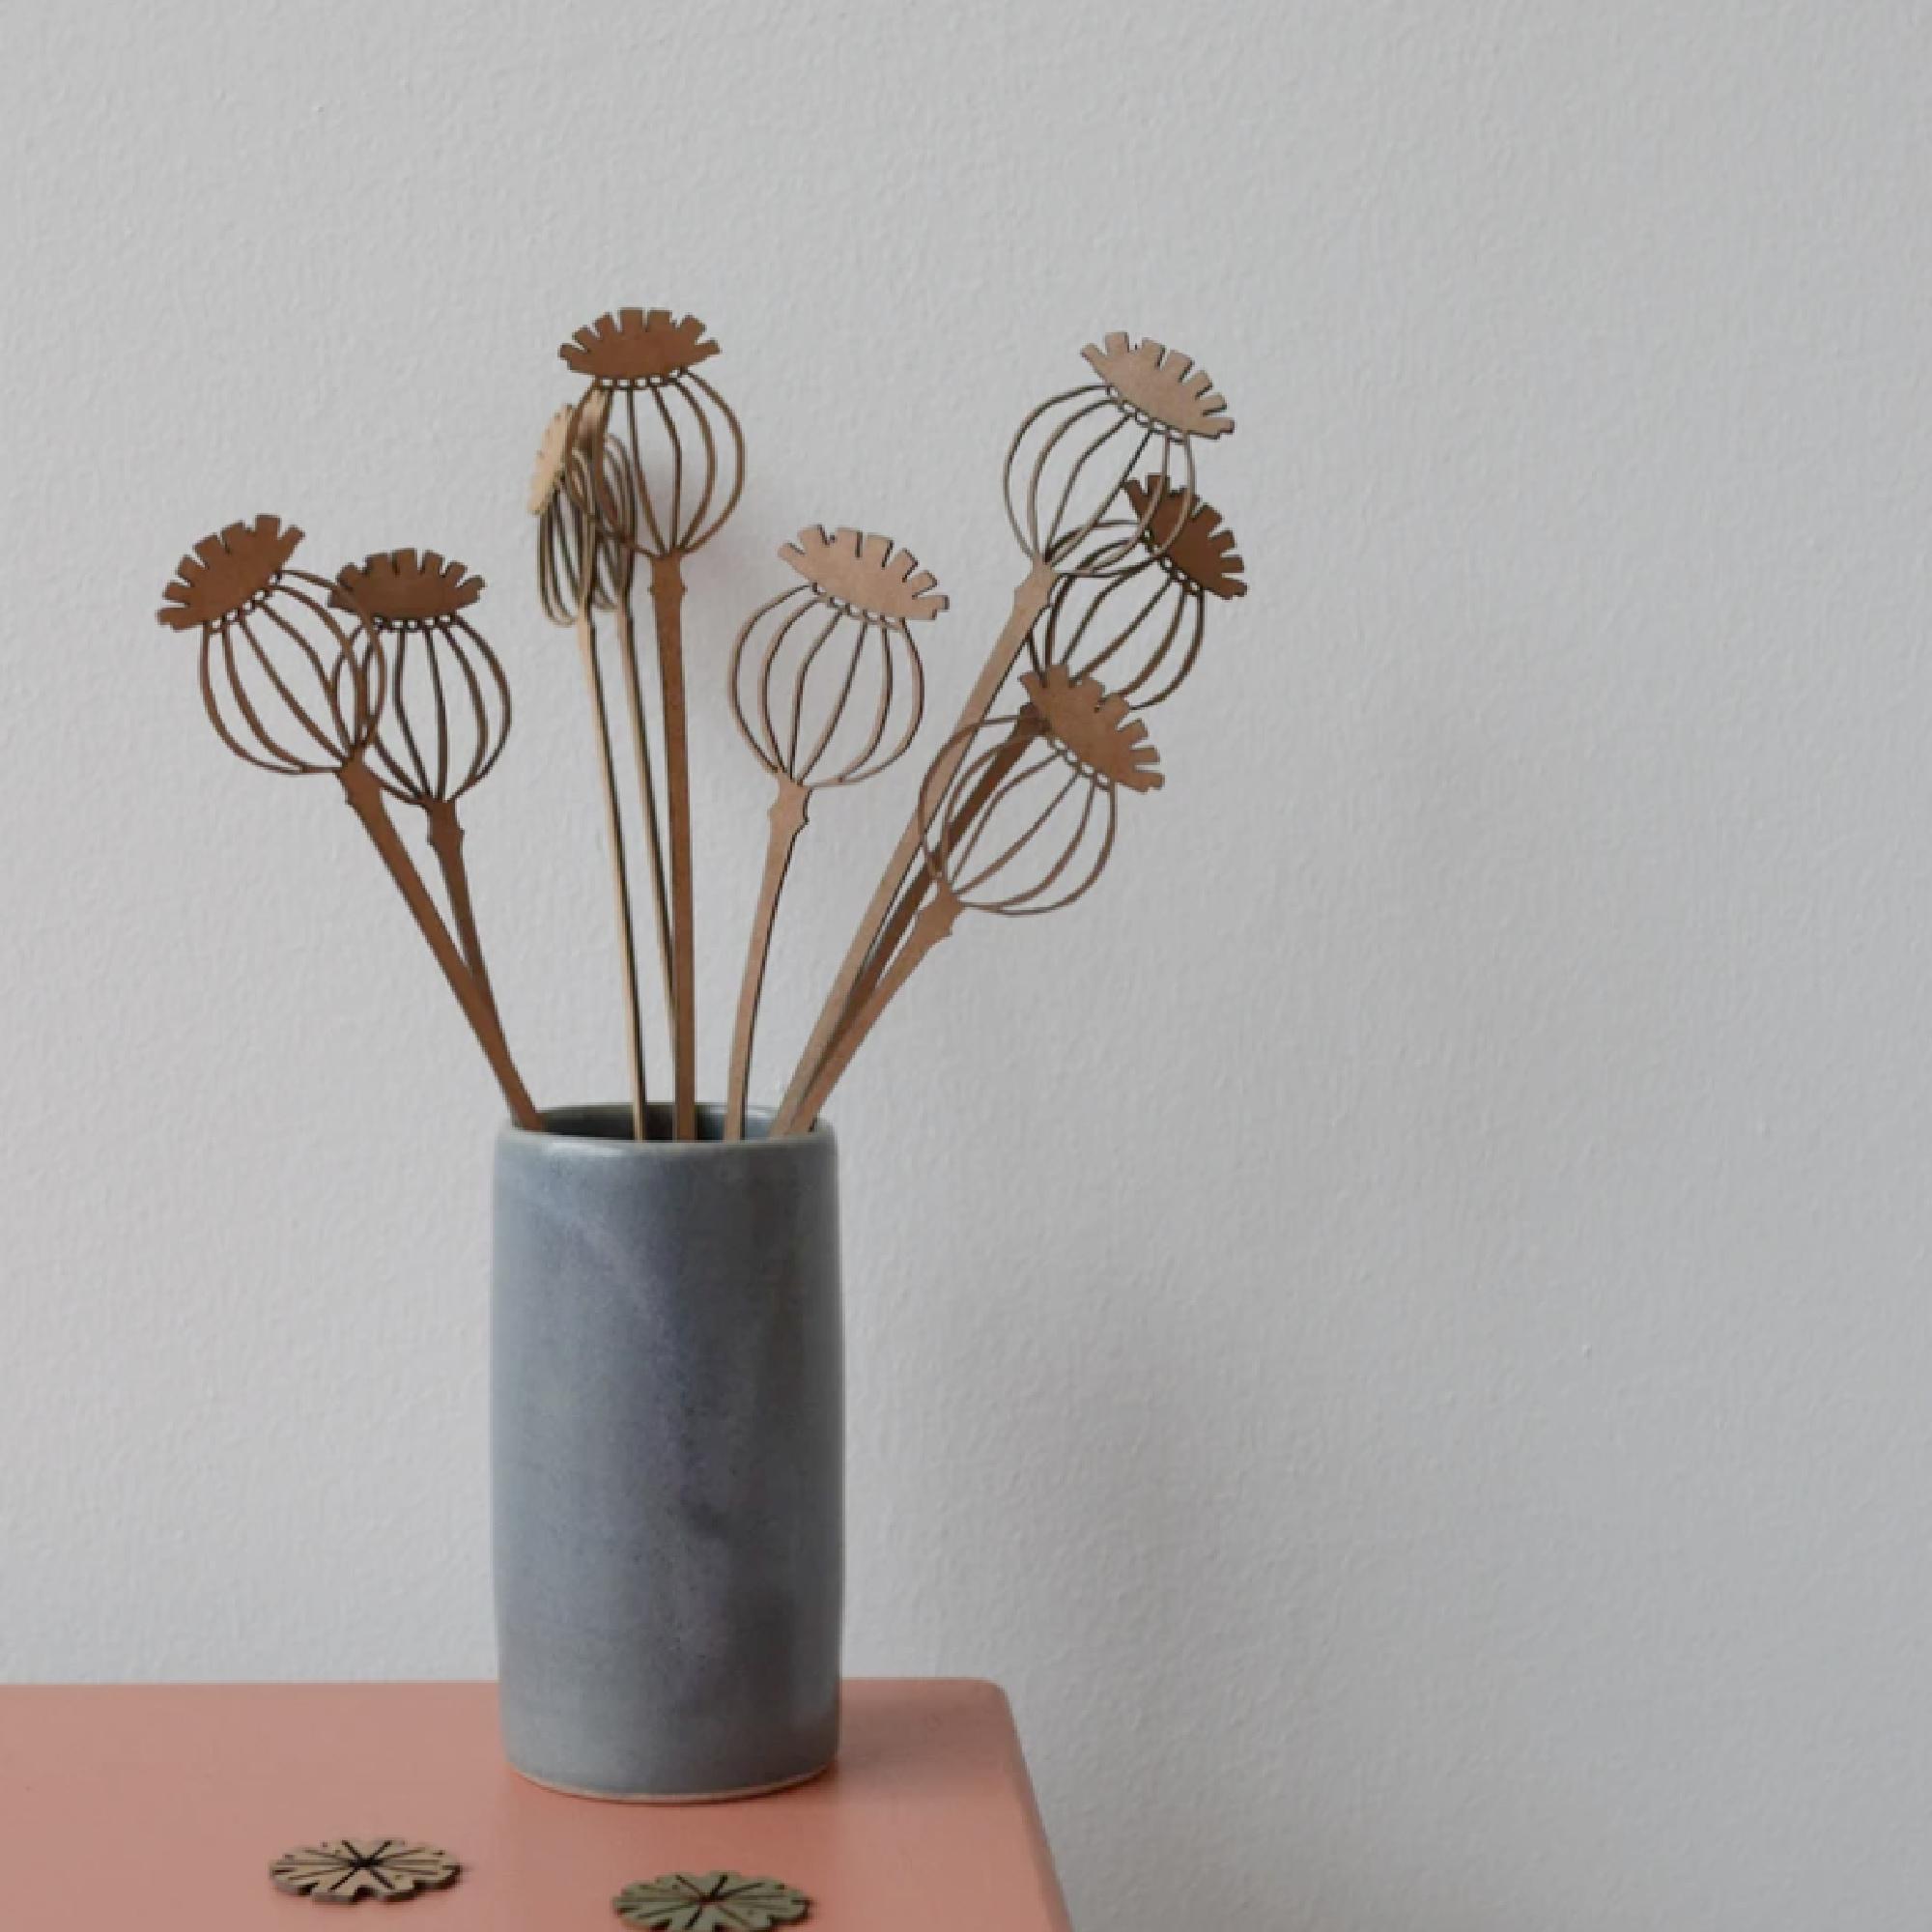 Bunch of Poppy Seed Head Stems by Hannah Nunn